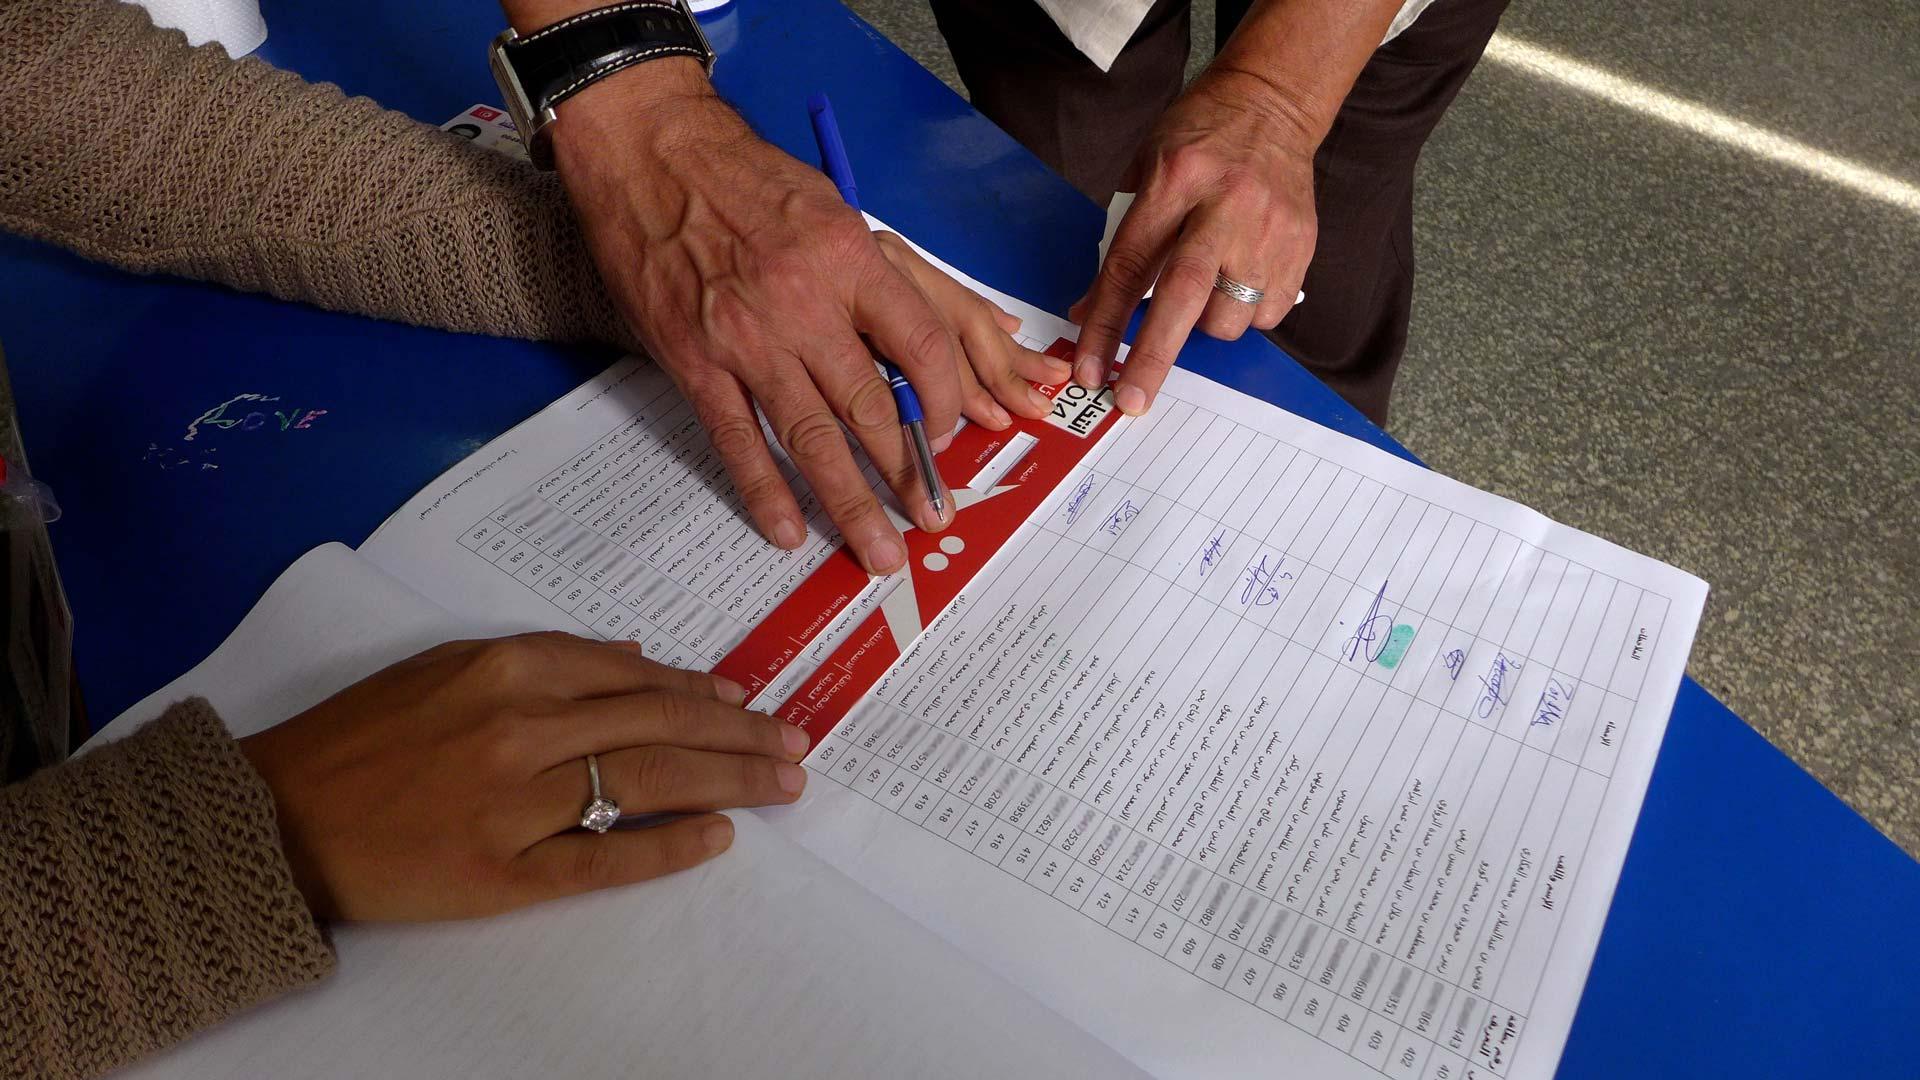 14-tnelec2014-presidentielle-vote-citoyen-emargement-1920-inkyfada